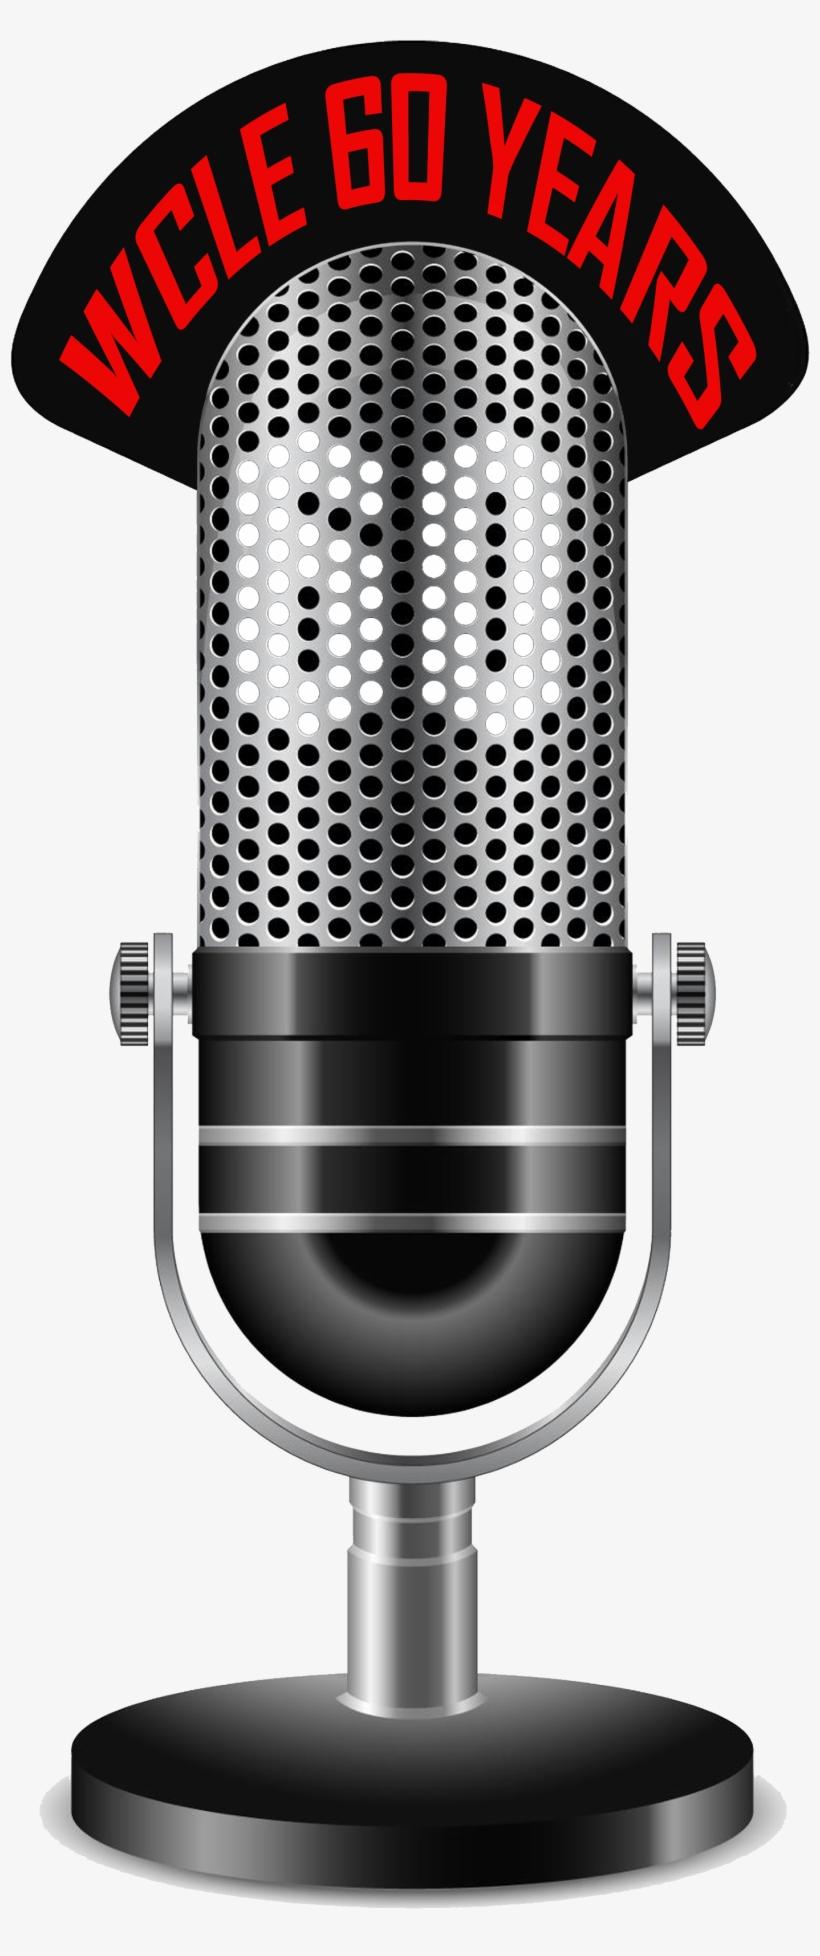 Wcle 60 Logo2 - Make Money Online Podcasting, transparent png #2730078